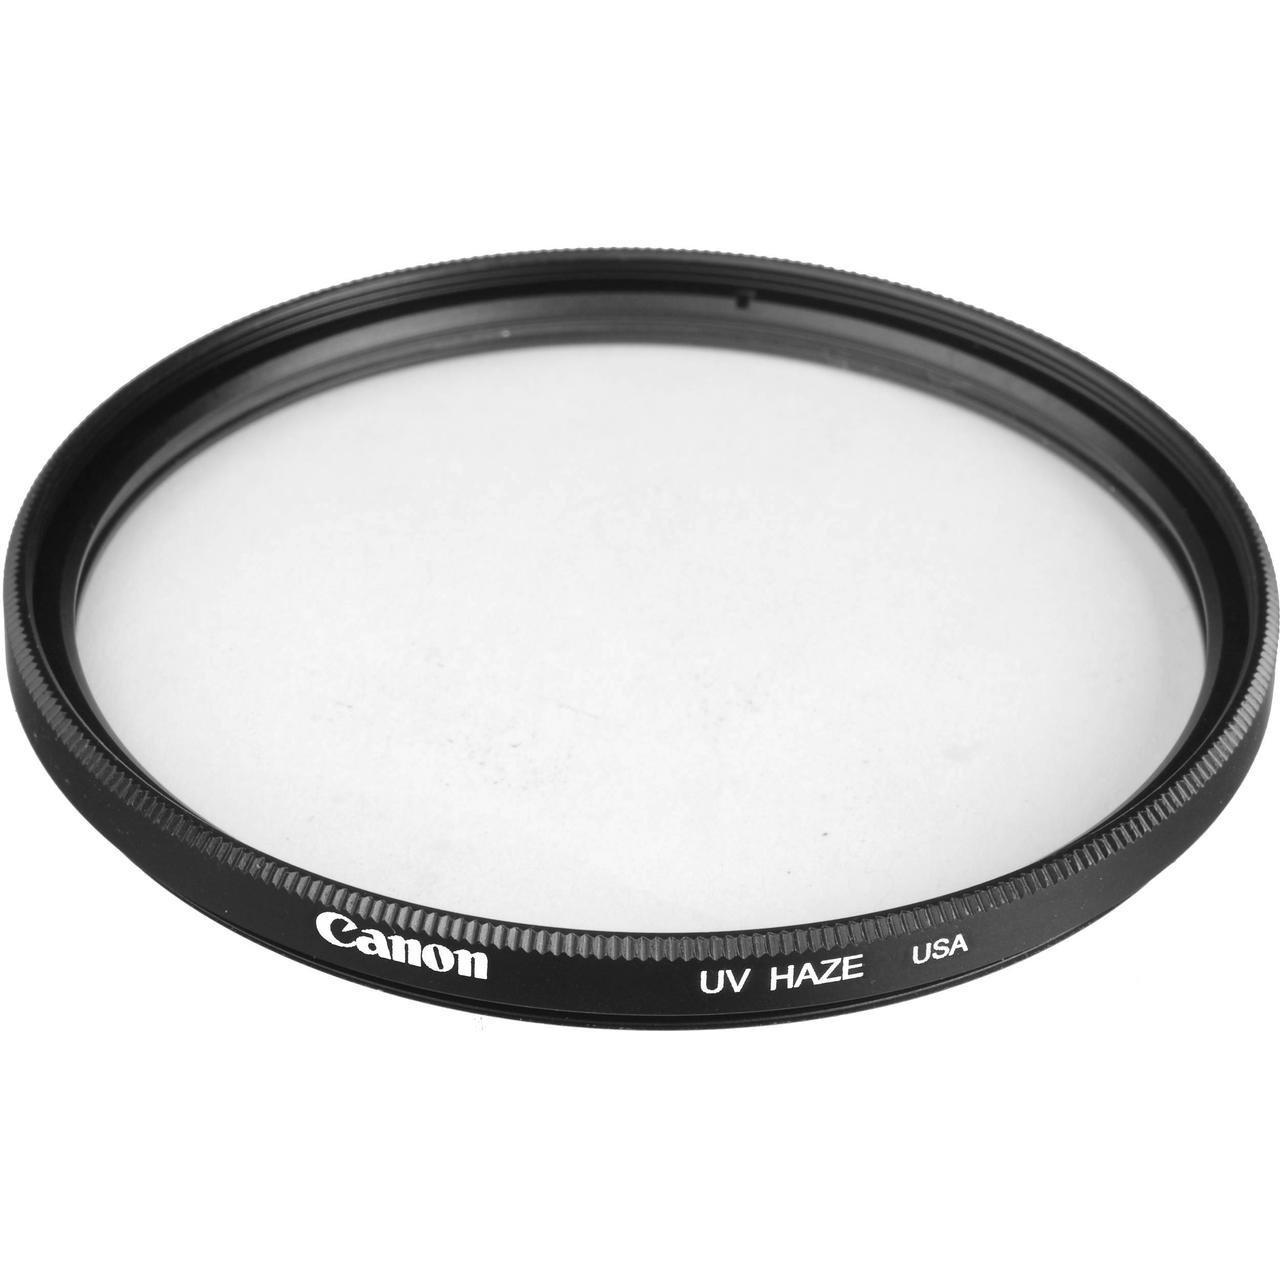 Светофильтр Canon UV Haze  58mm